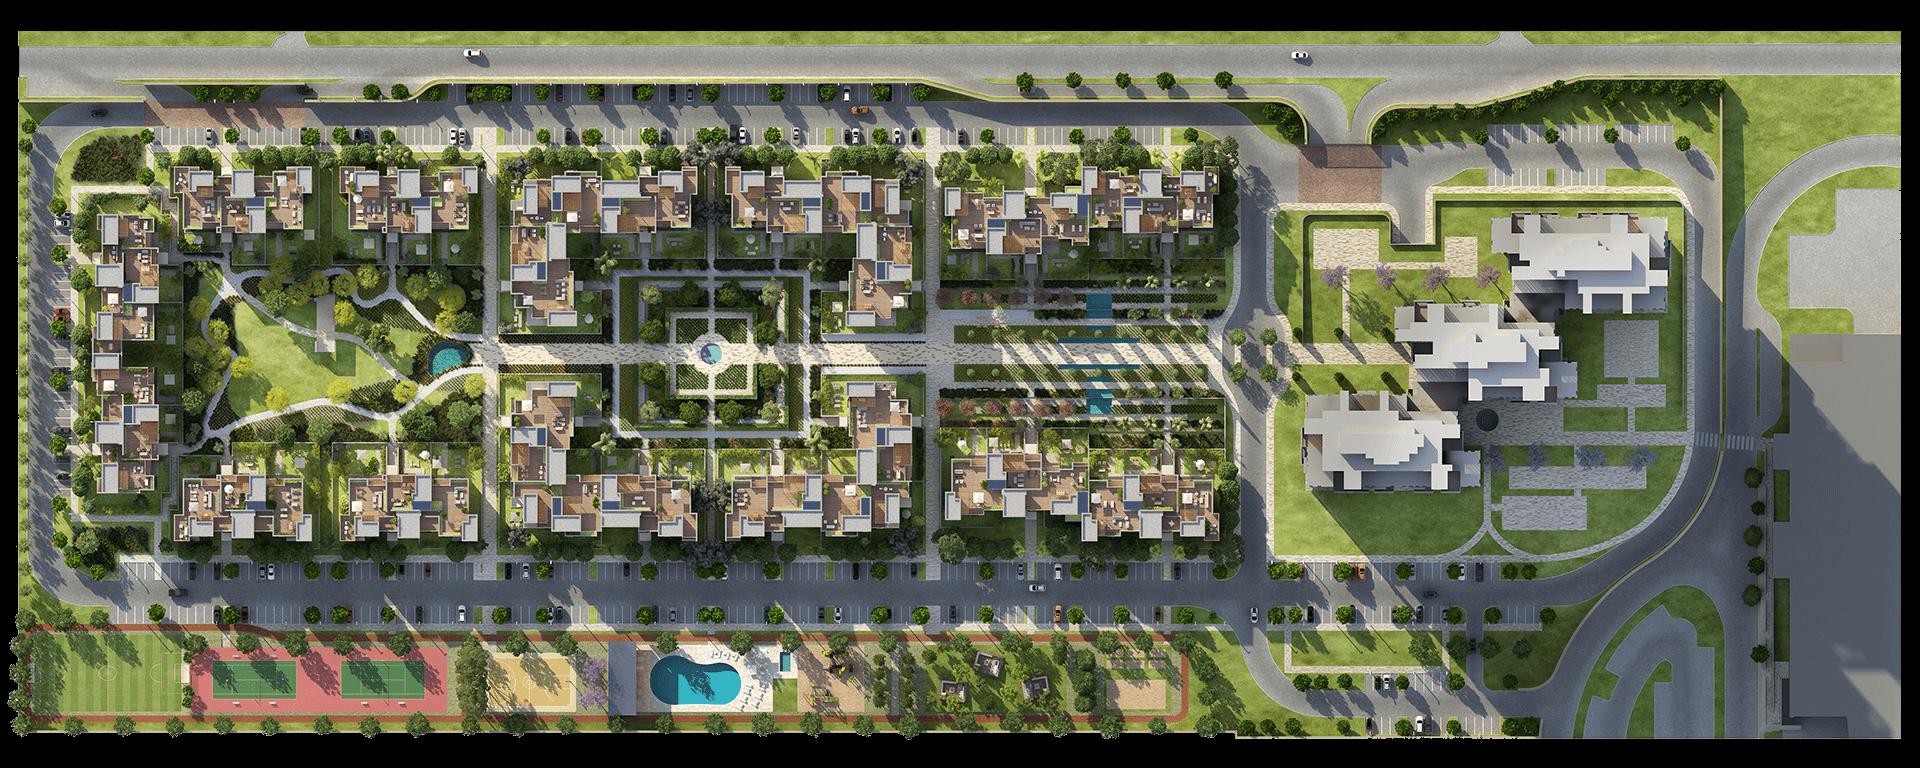 Aeon siteplan